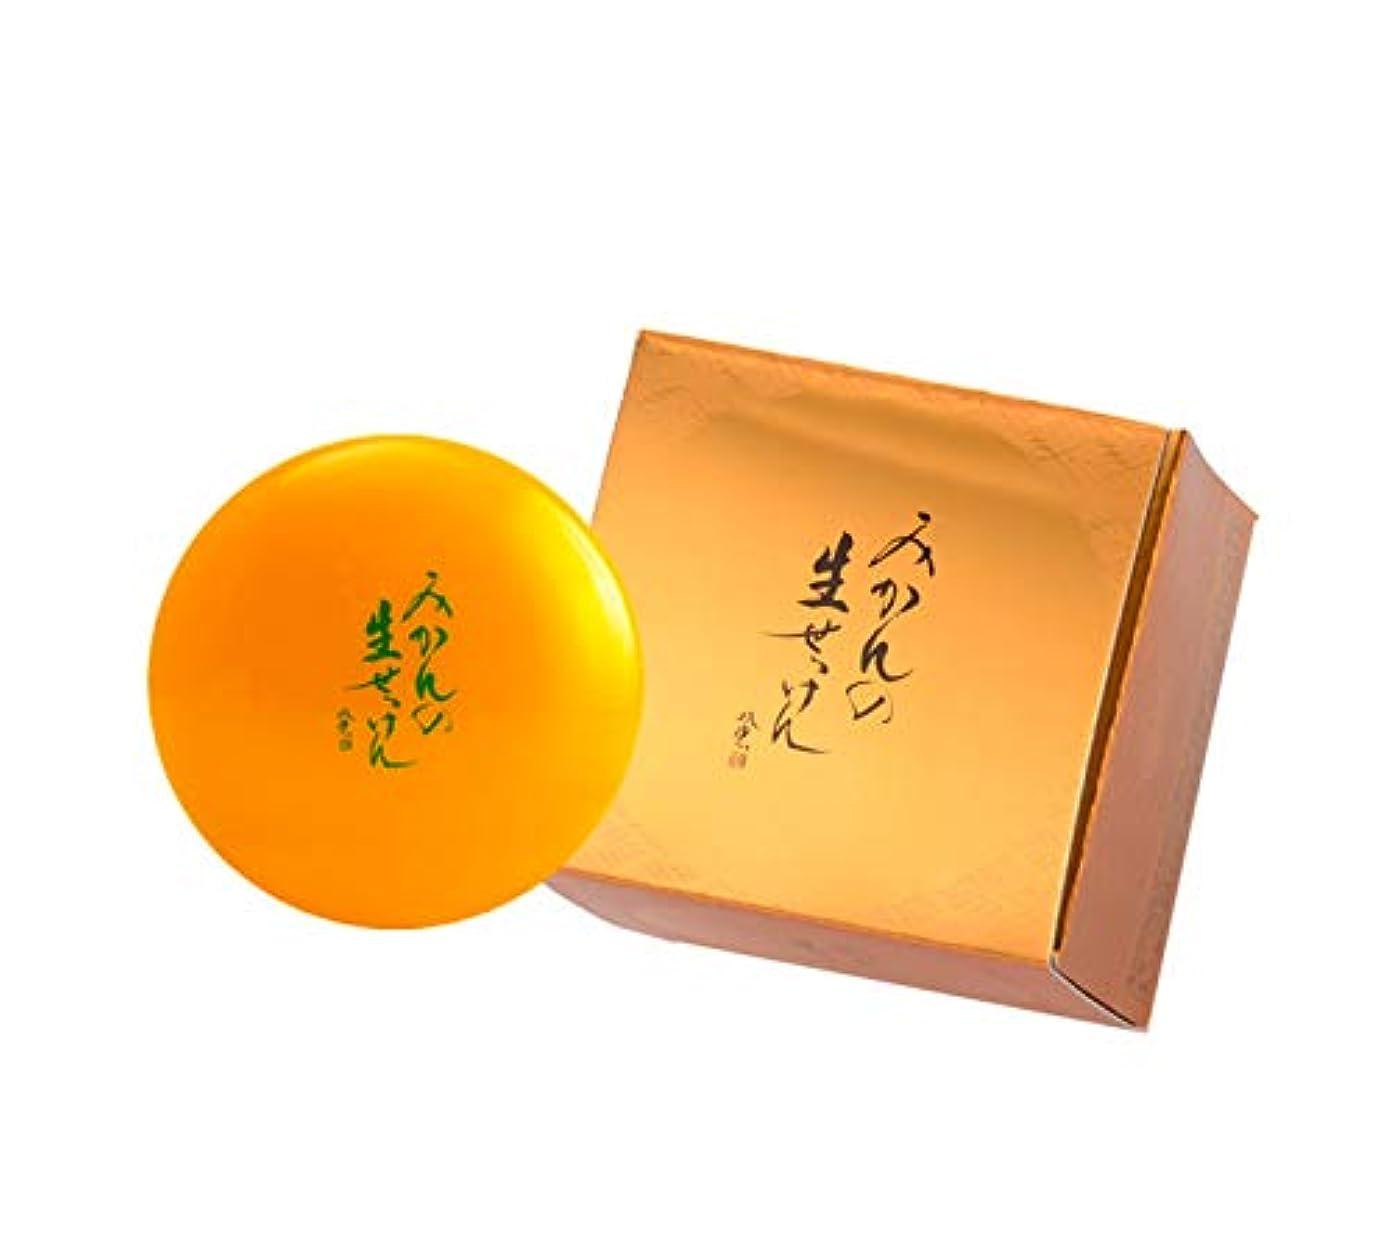 判定邪魔ゴムUYEKI美香柑みかんの生せっけん120g×24個セット